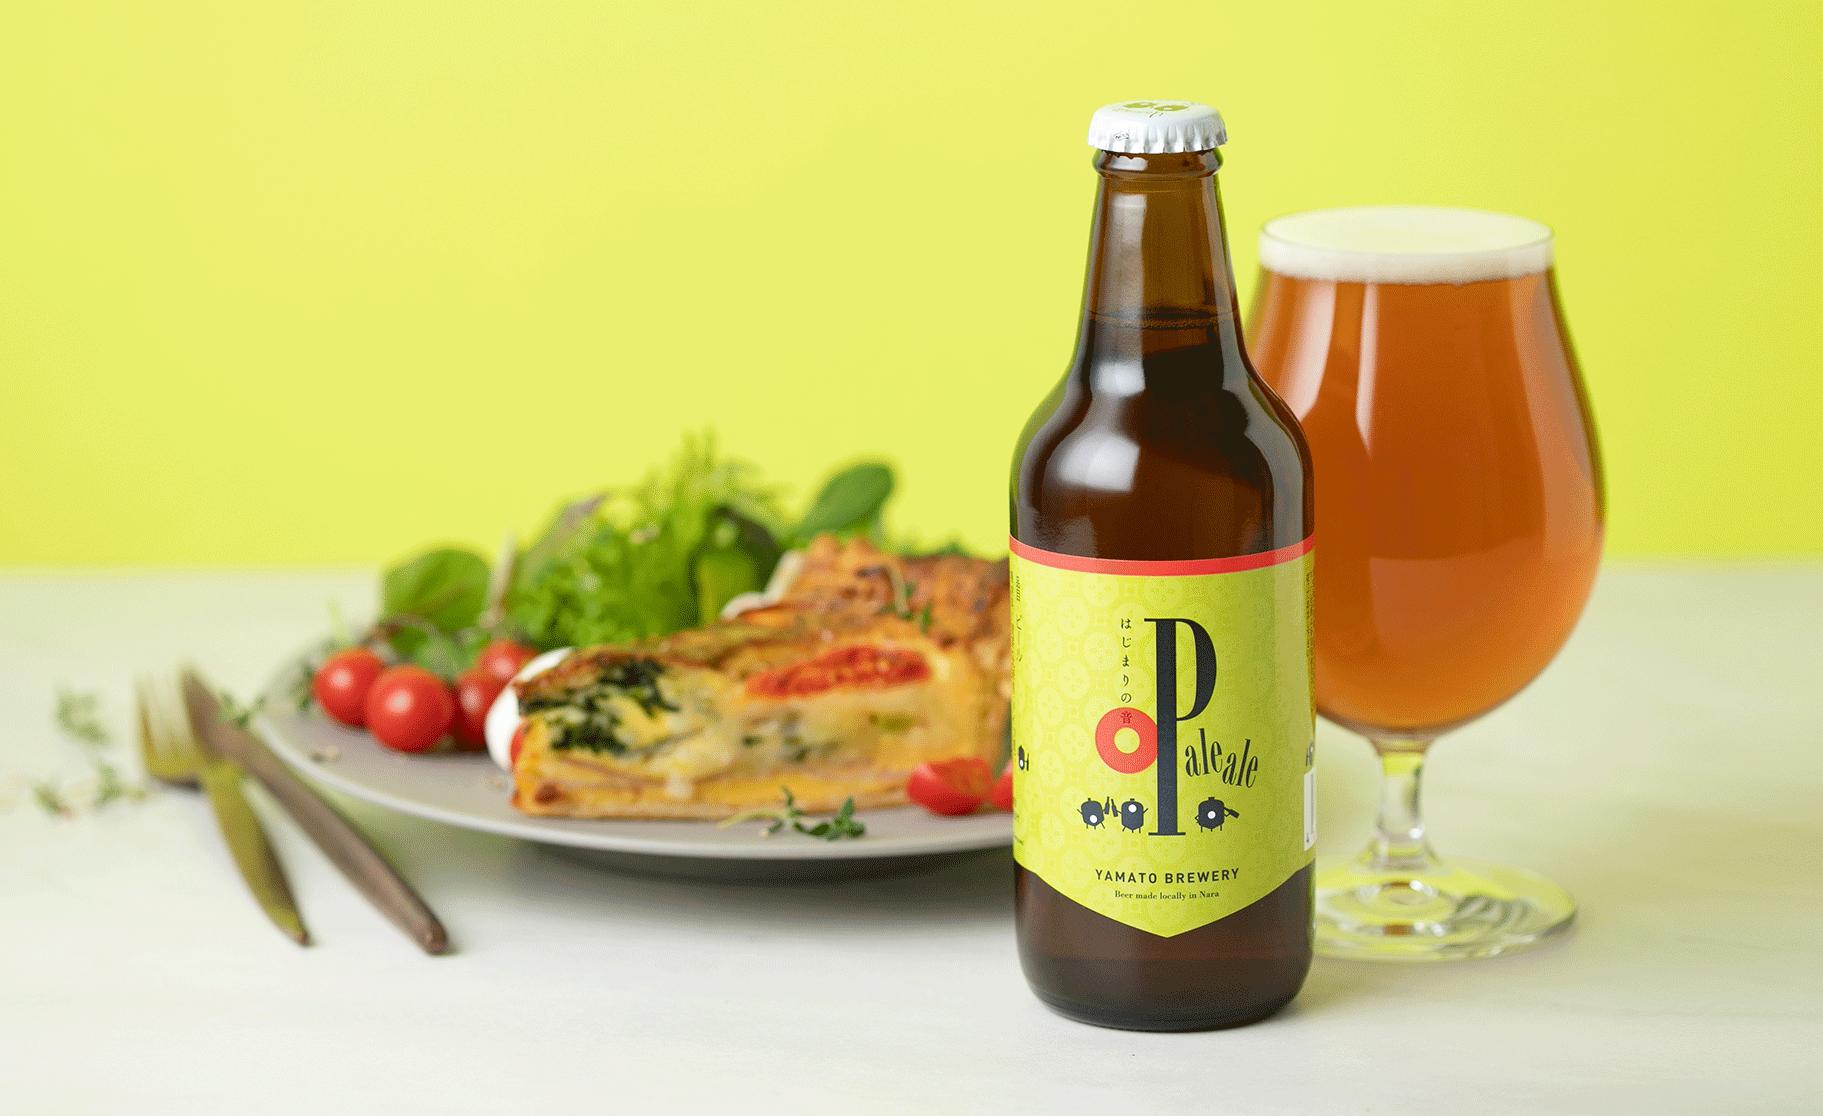 beer_paleale_bk